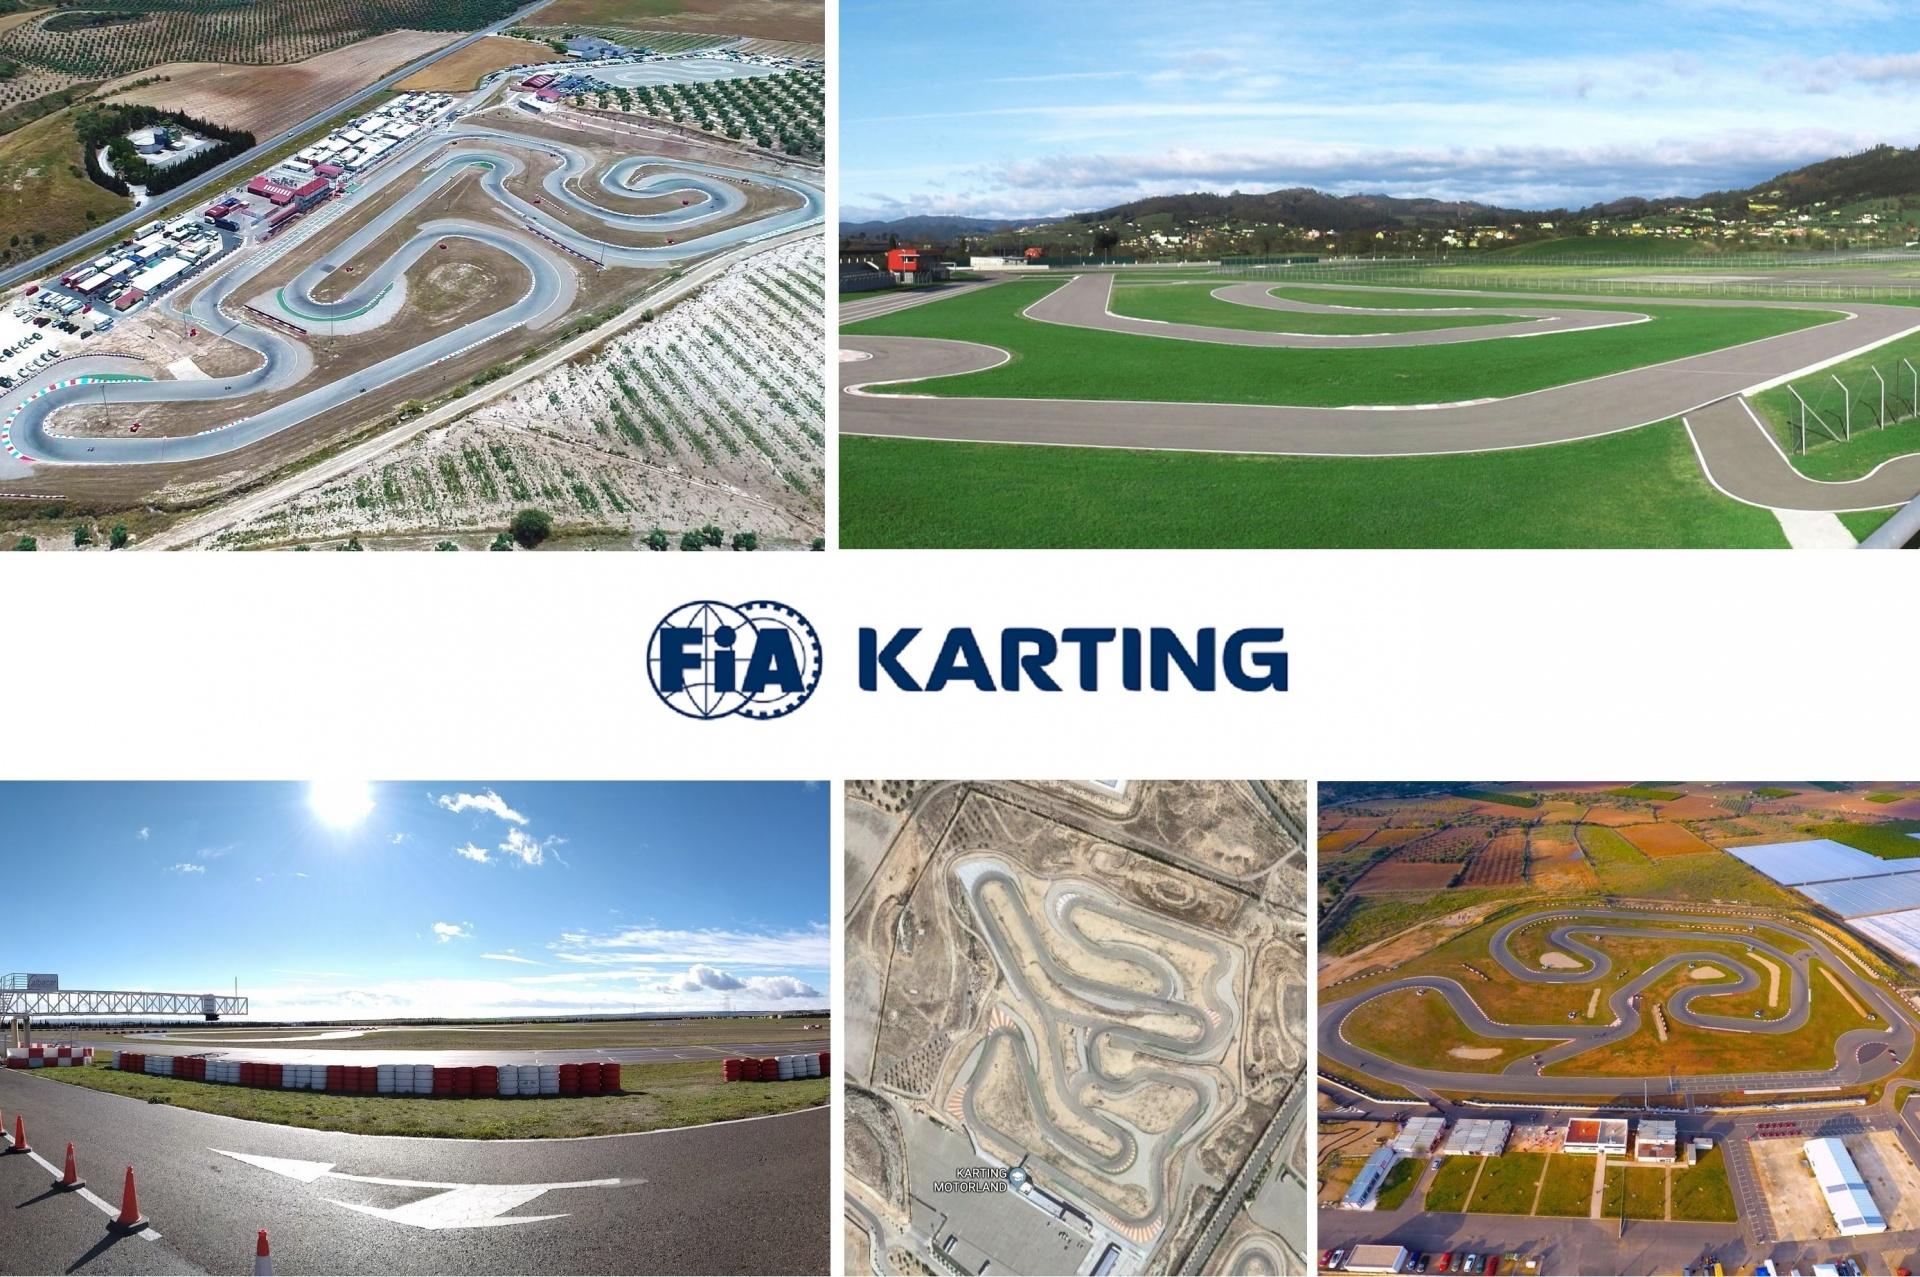 España en el podio de países con más circuitos de karting FIA